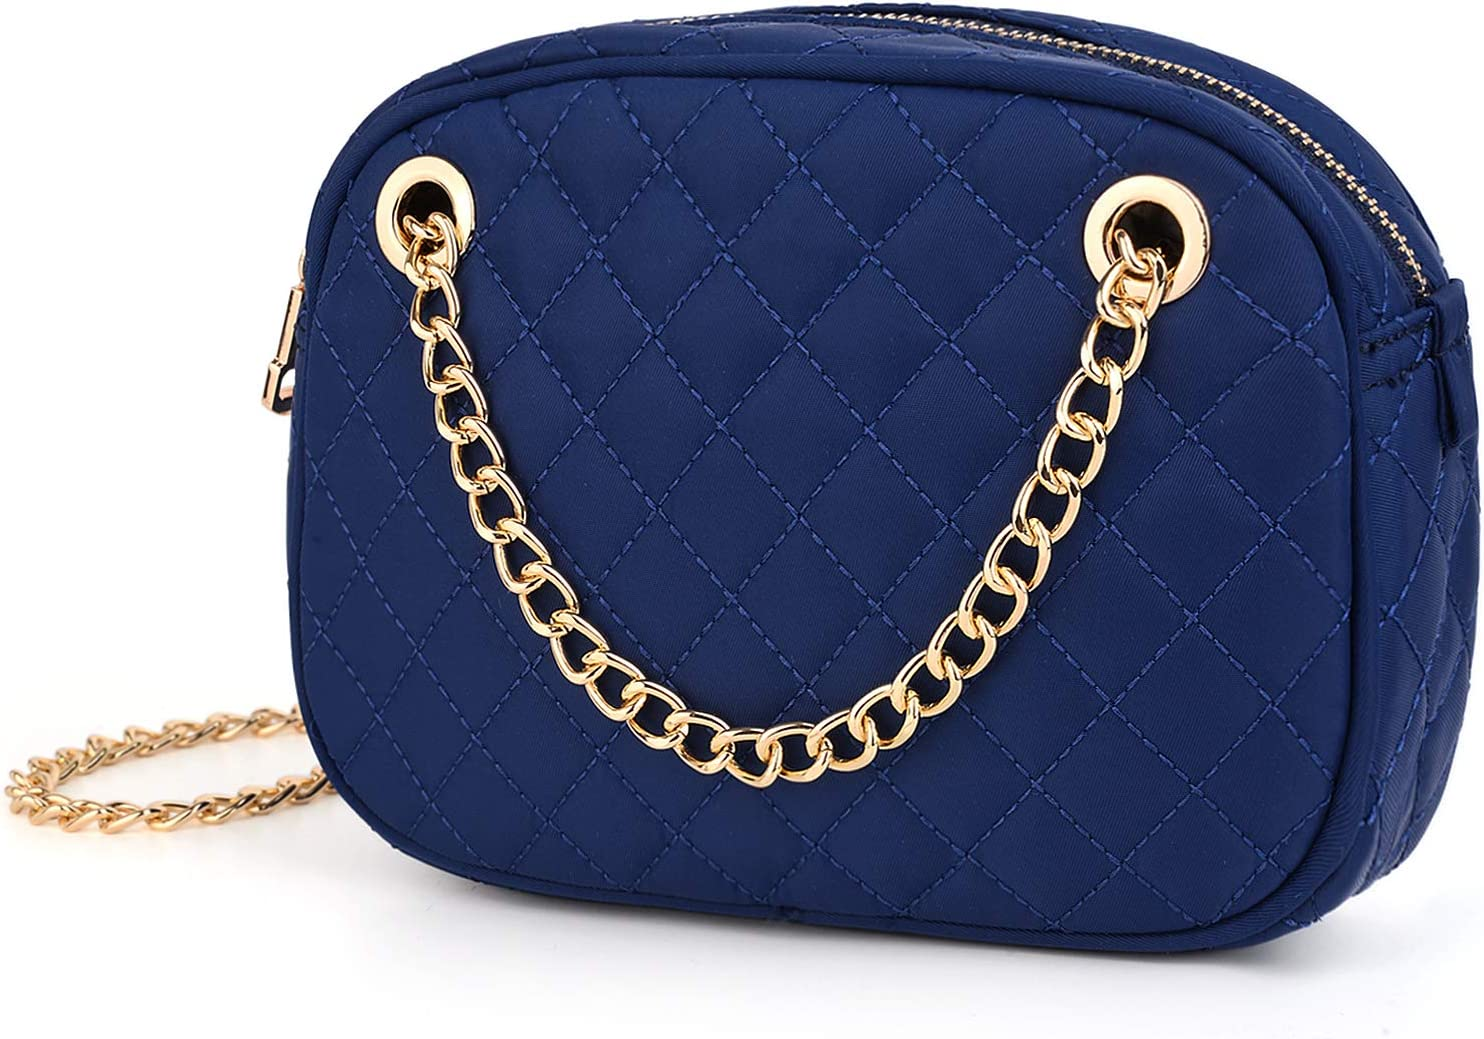 UTO Femme Sac bandouli/ère d/épaule Pochette Mode Mini Petit Sac /à Main L/éger Convertible Voyage Bleu